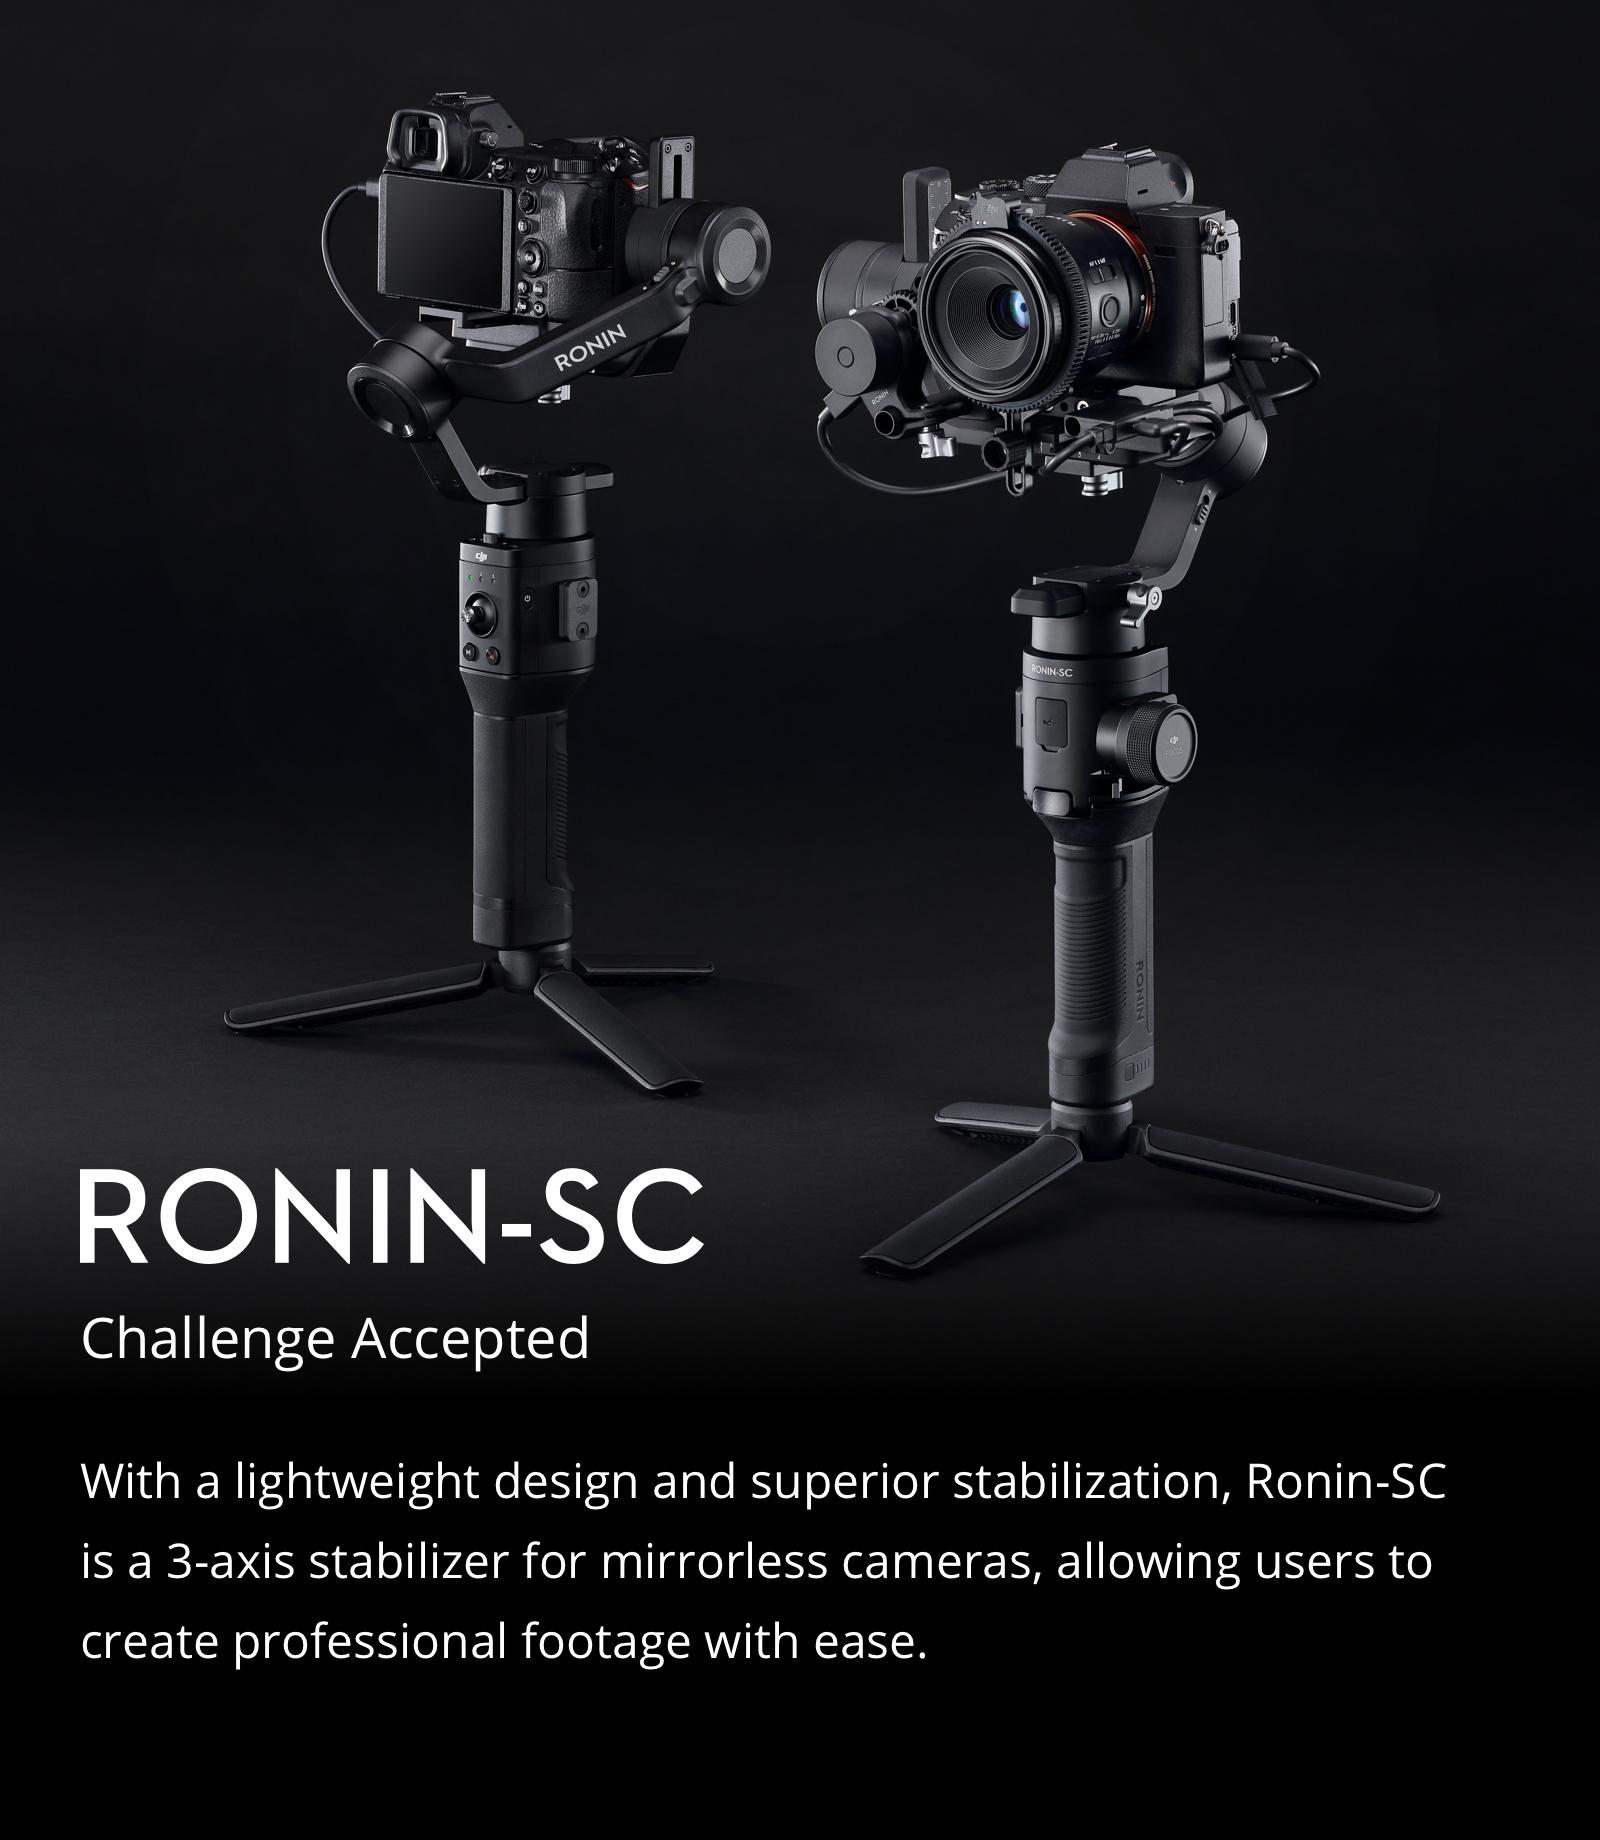 ronin-scdes1.jpg